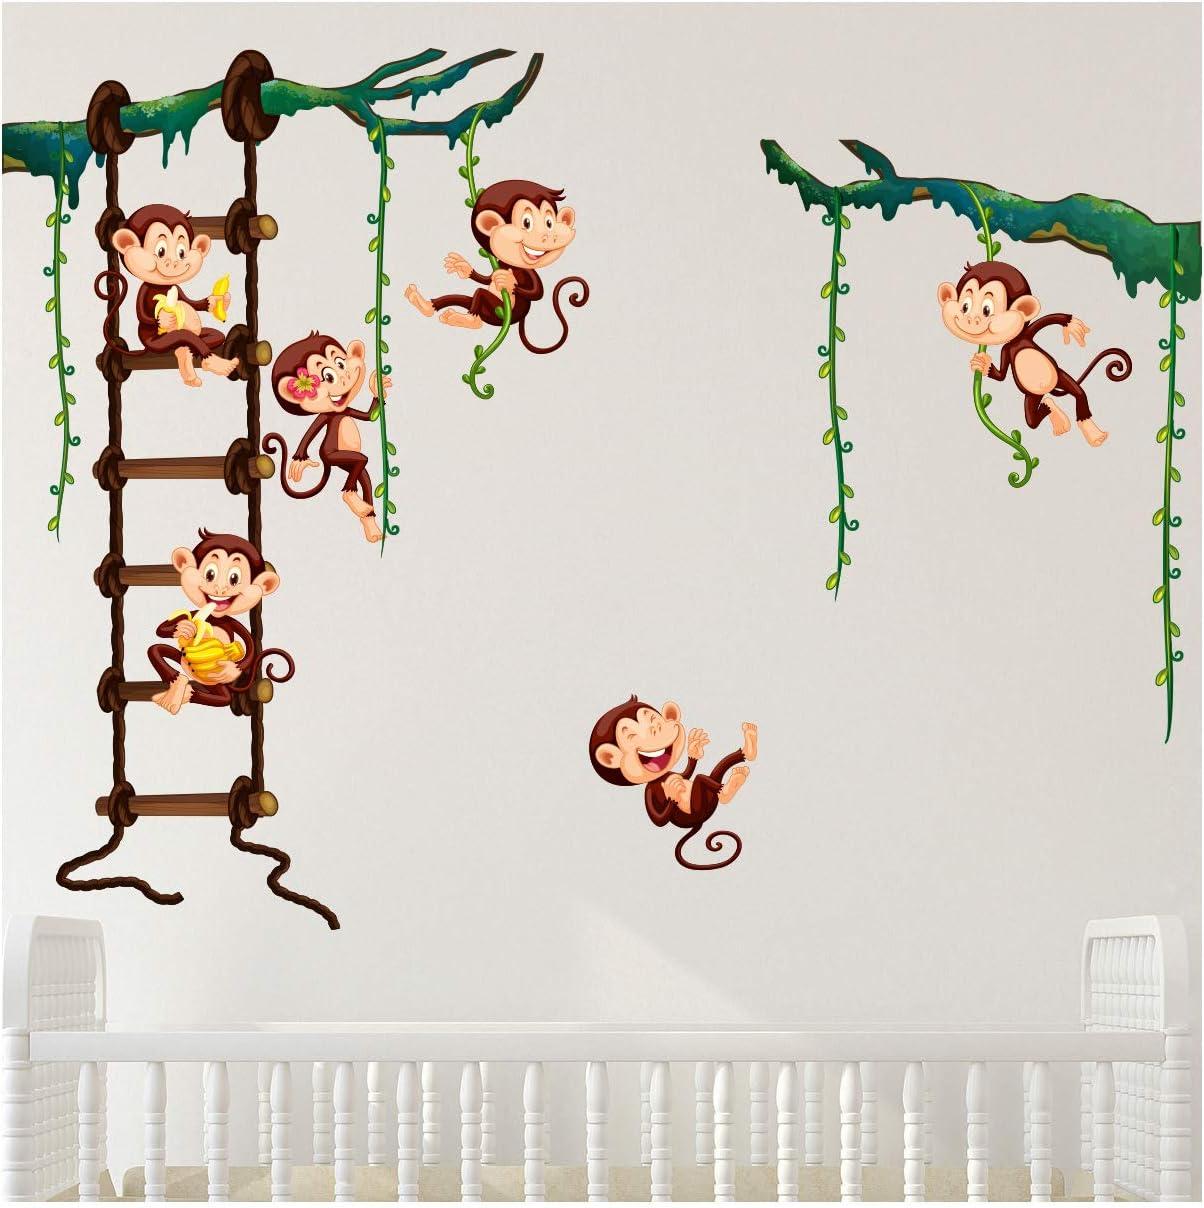 Amovible Stickers Muraux Animaux Chambre Denfants Kids Stickers Muraux Chambre B/éb/é Kibi Autocollants Animaux Arbre De Pont En Bois De Croix De Lion Sticker Mural